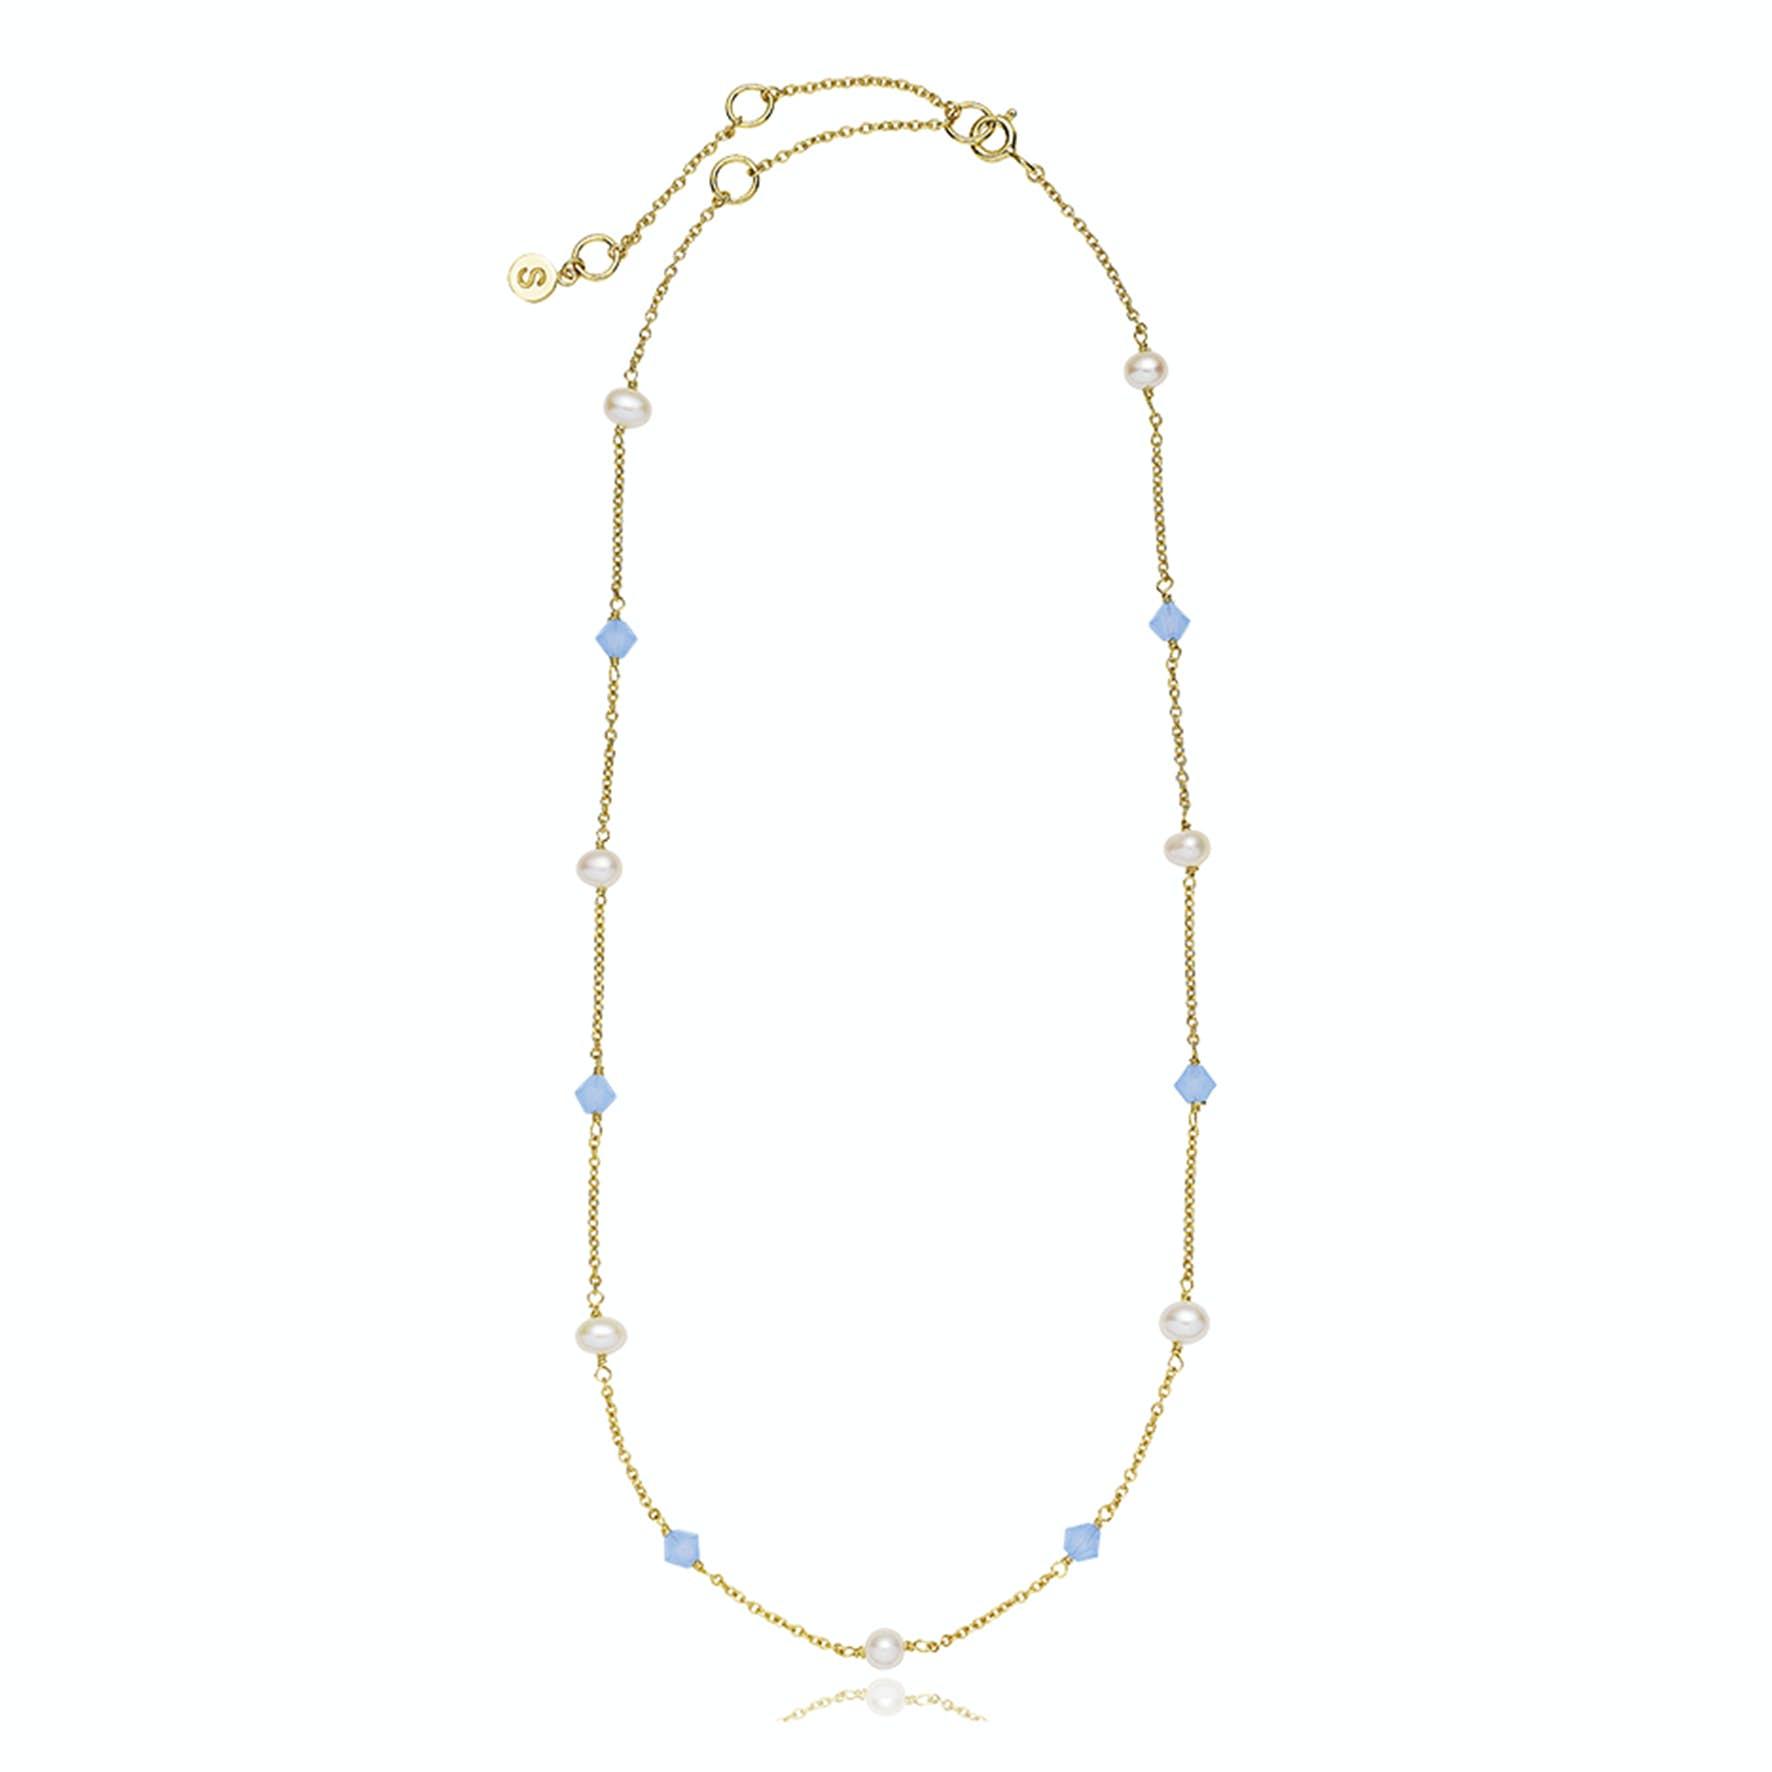 Olivia by Sistie Classic Necklace fra Sistie i Forgyldt-Sølv Sterling 925